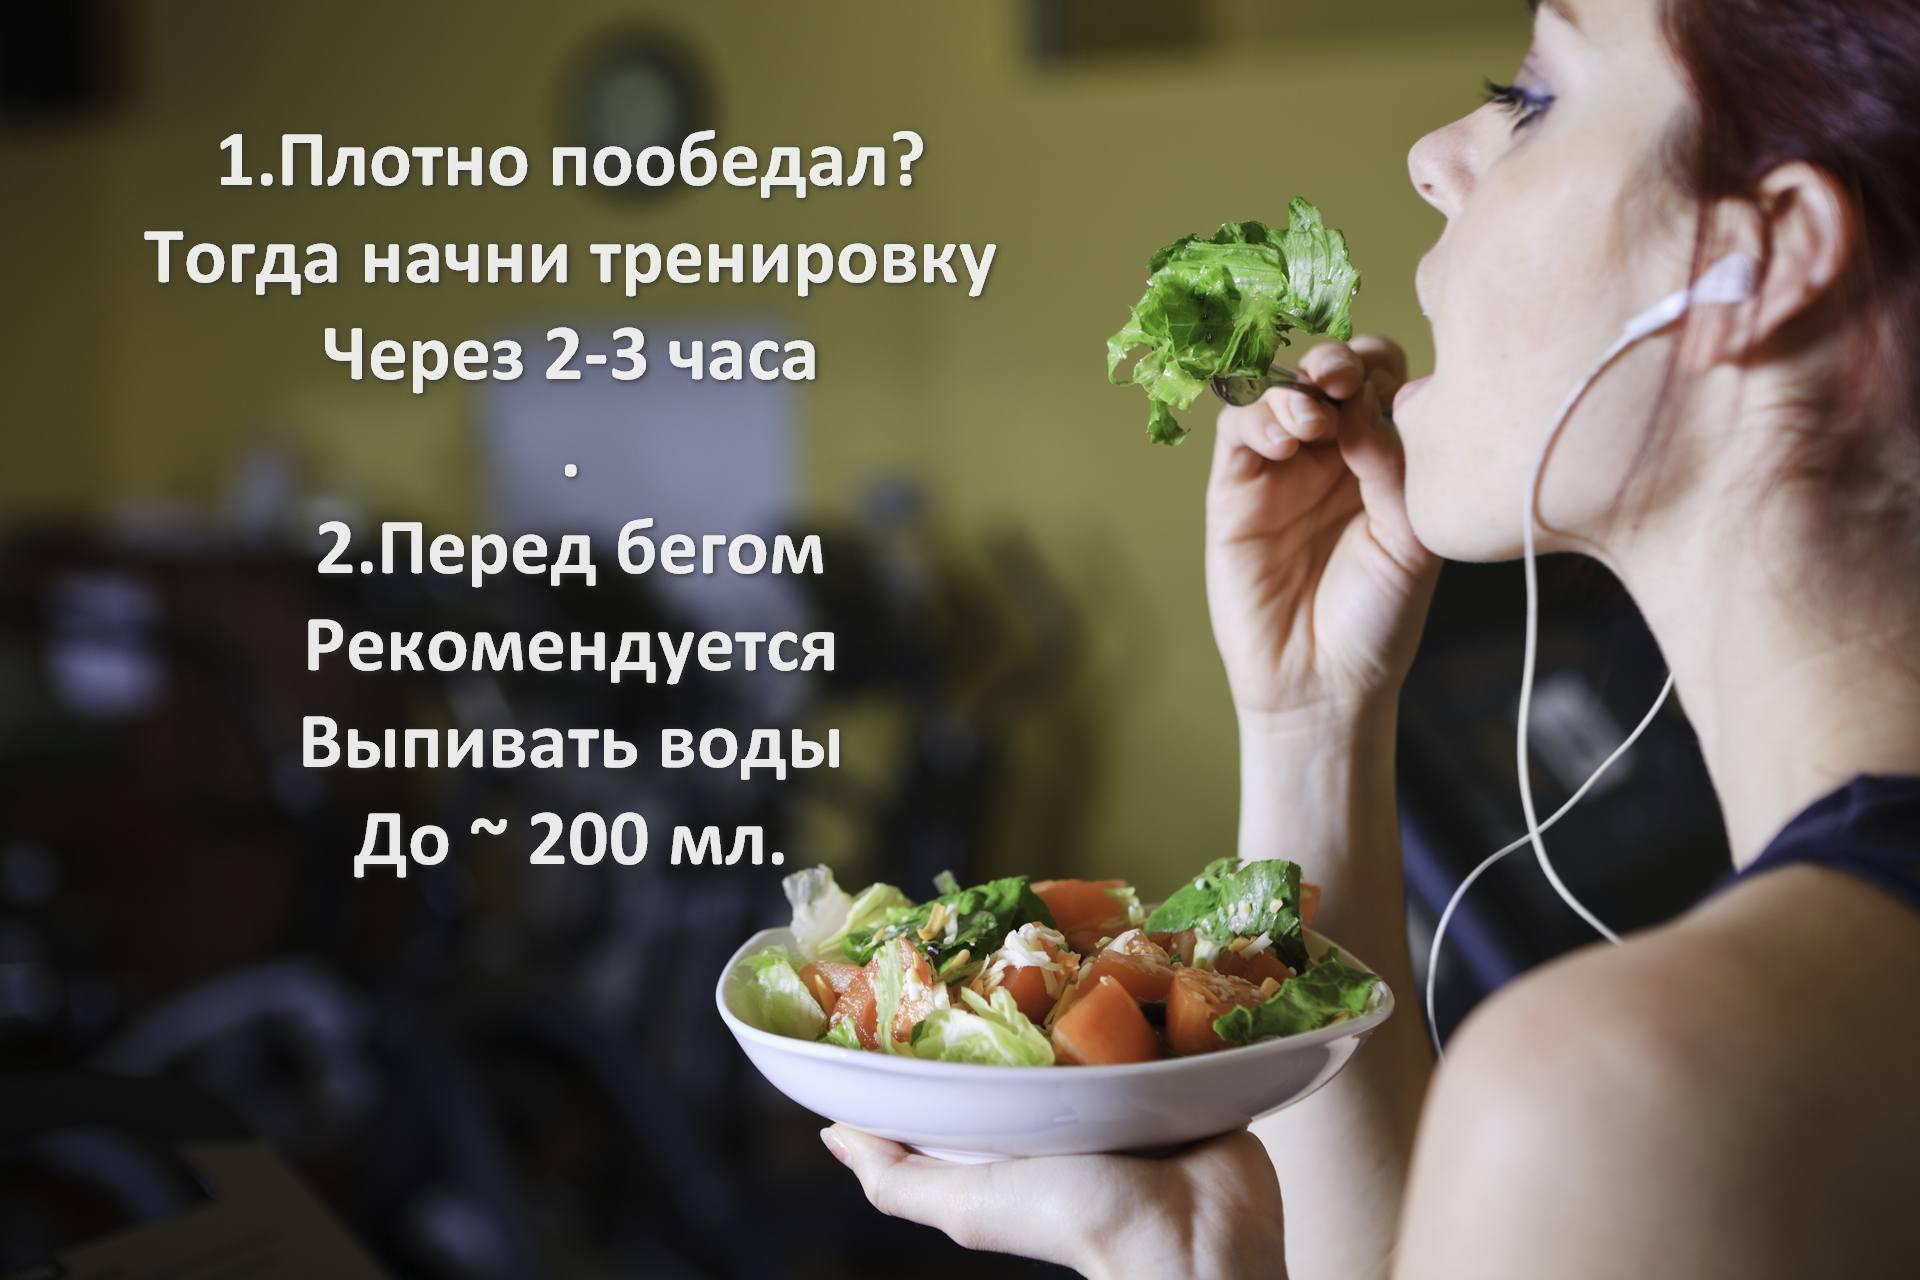 Питание перед бегом, во время и после